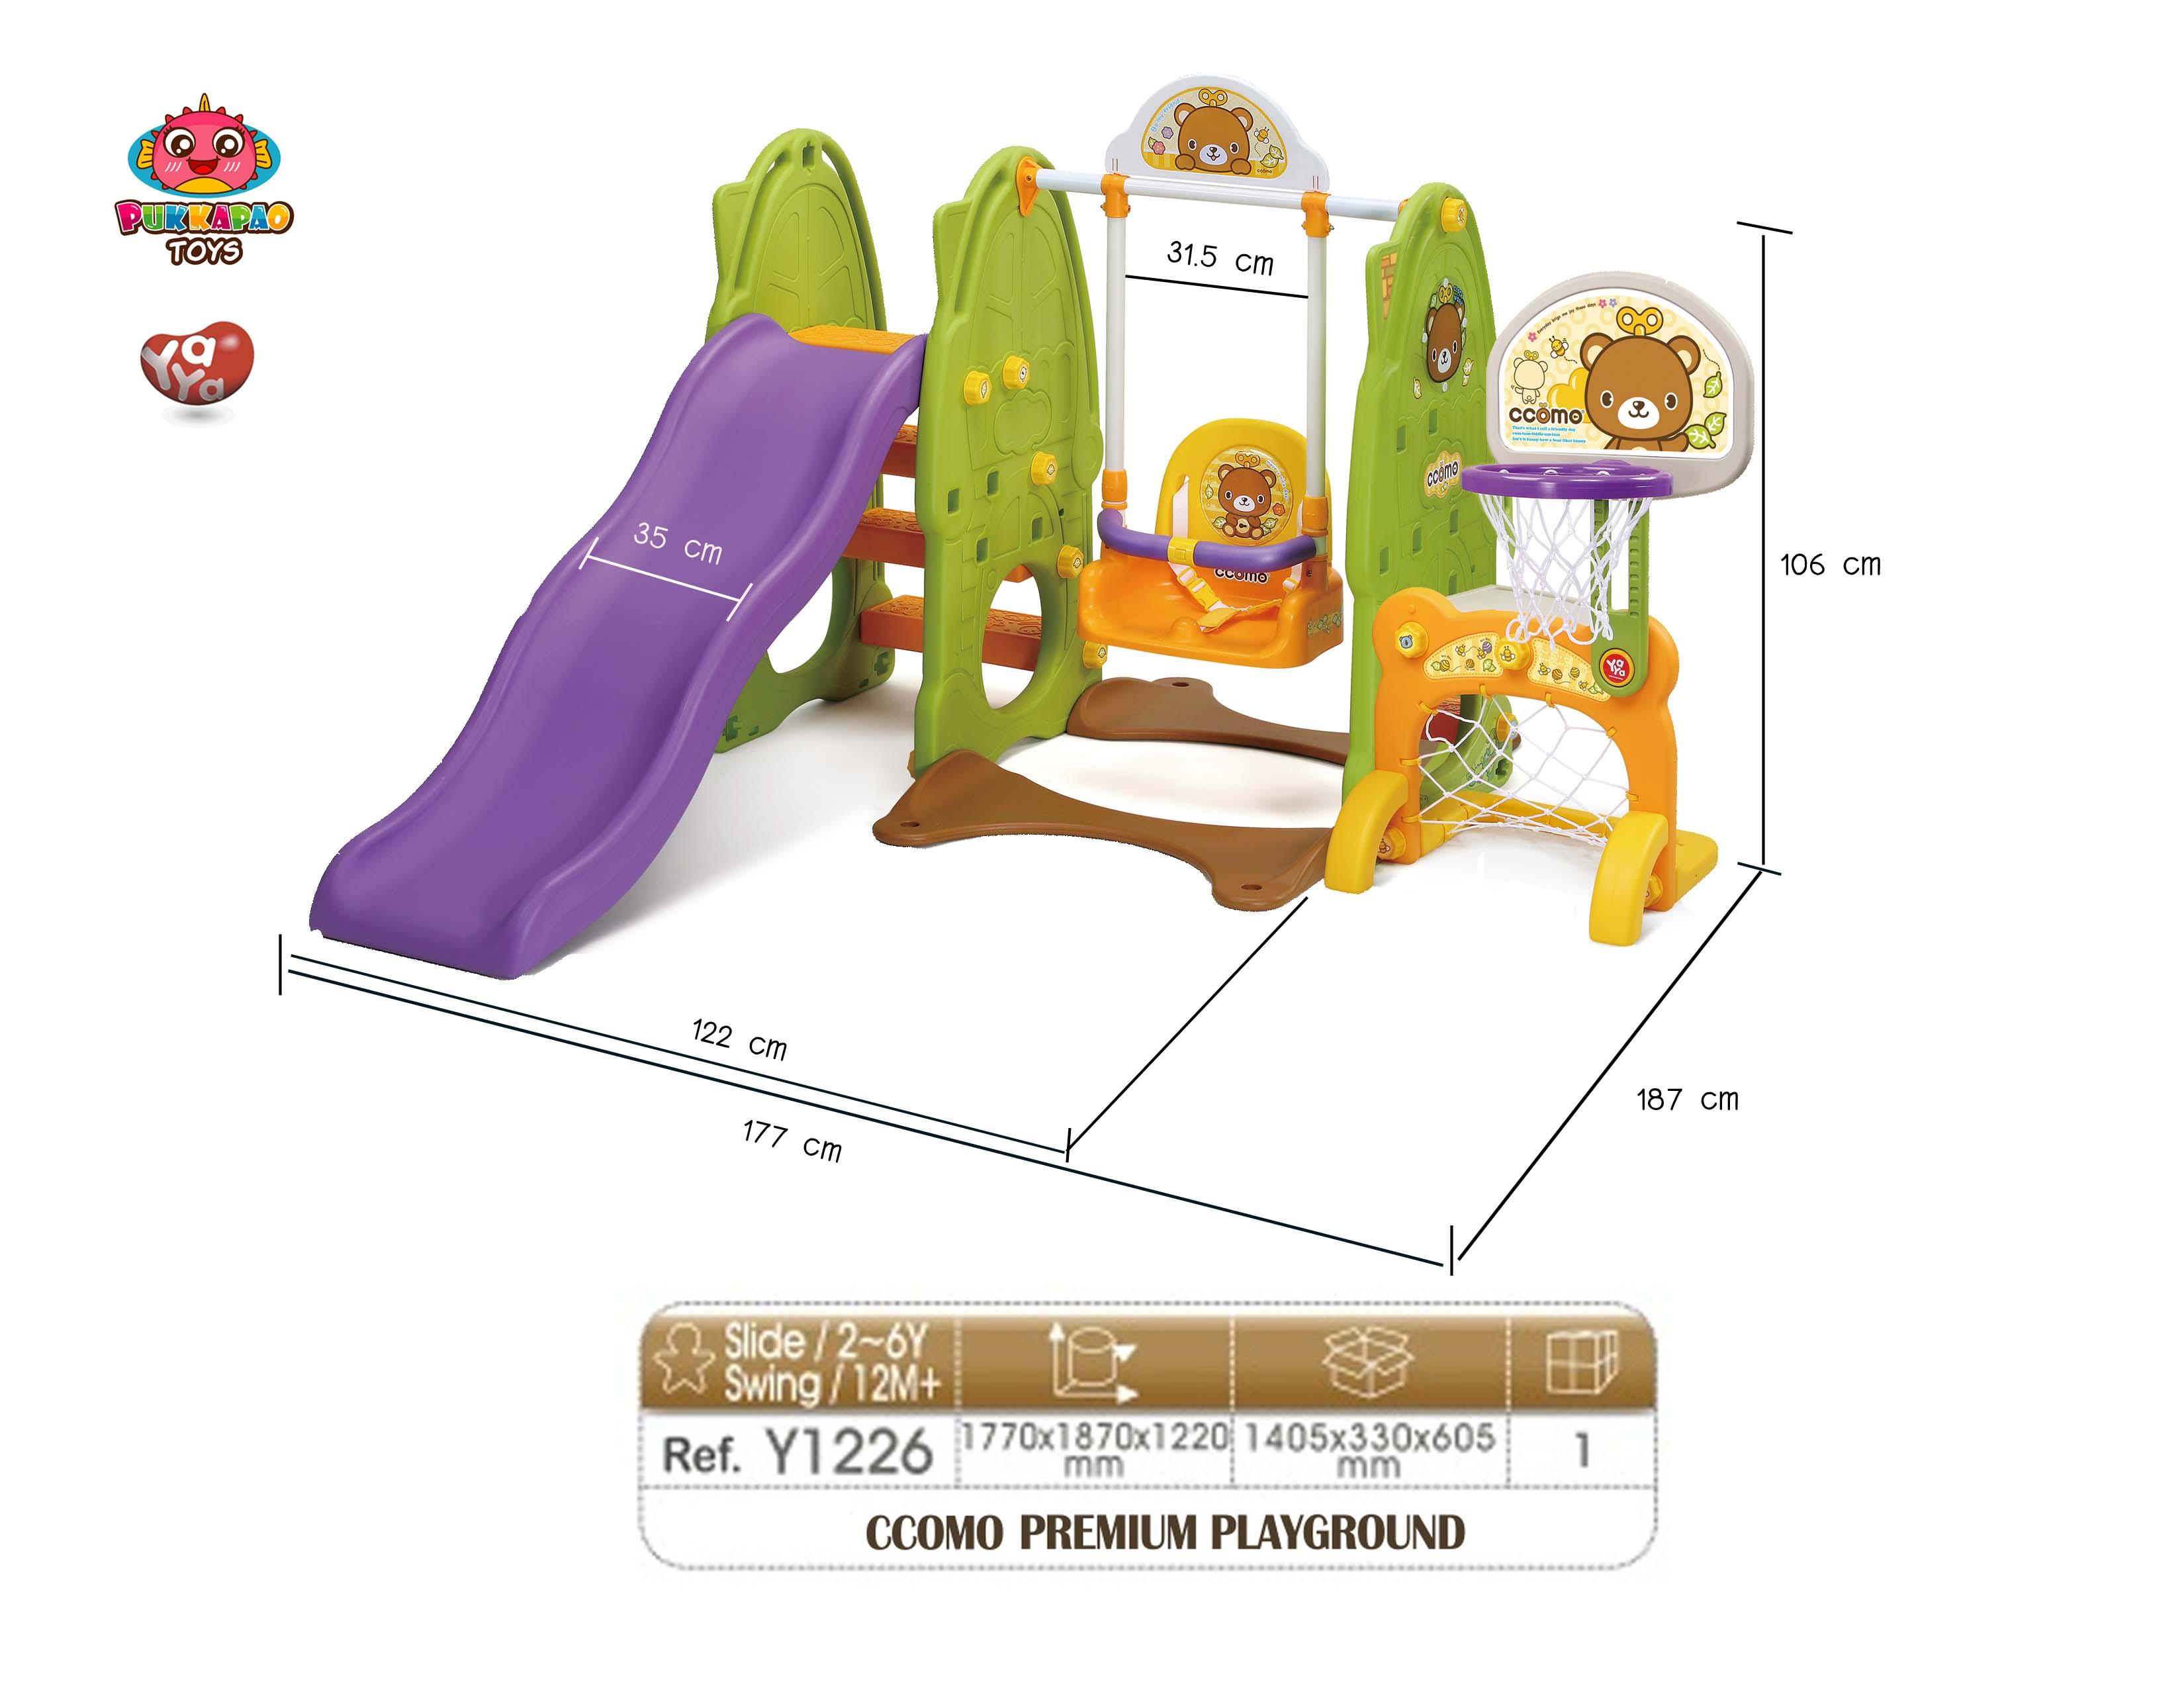 ชิงช้า สไลเดอร์ โกล์ฟุตบอล เกาหลี Yaya Premium Playground สีเขียว